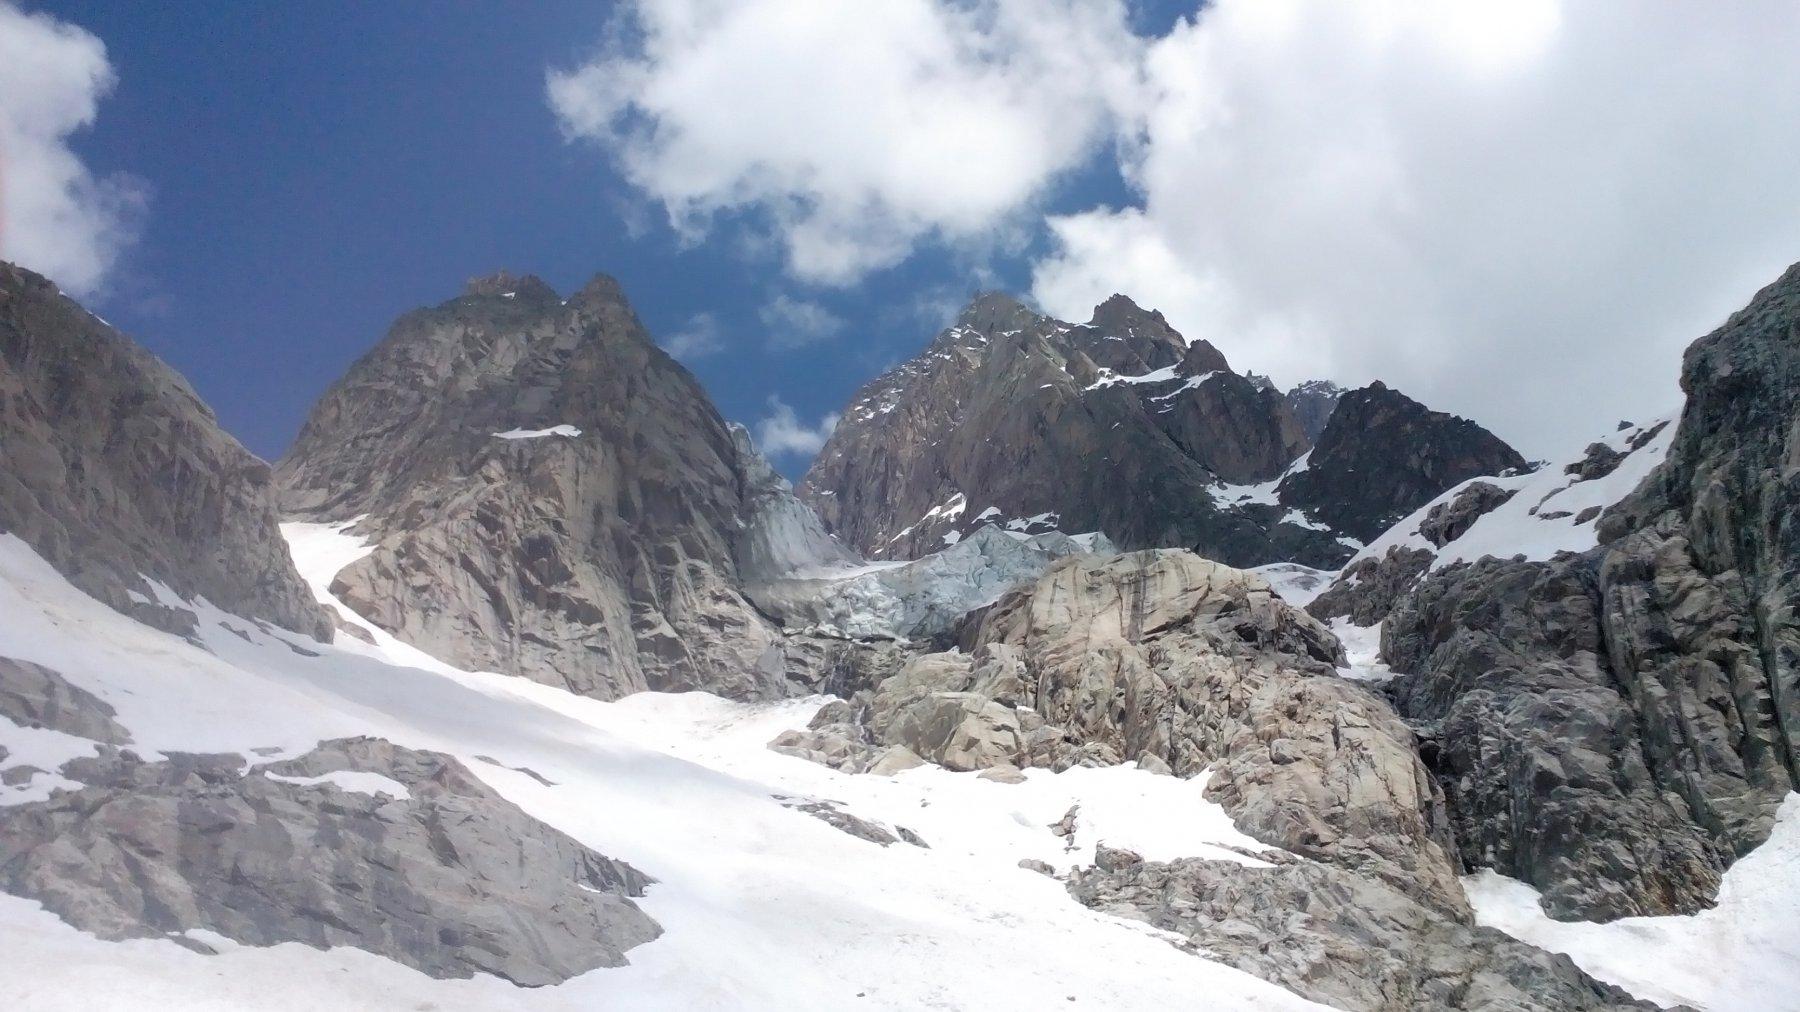 il ghiacciaio delle Grandes Jorasses, che sembra voler venire giù da un momento all'altro..